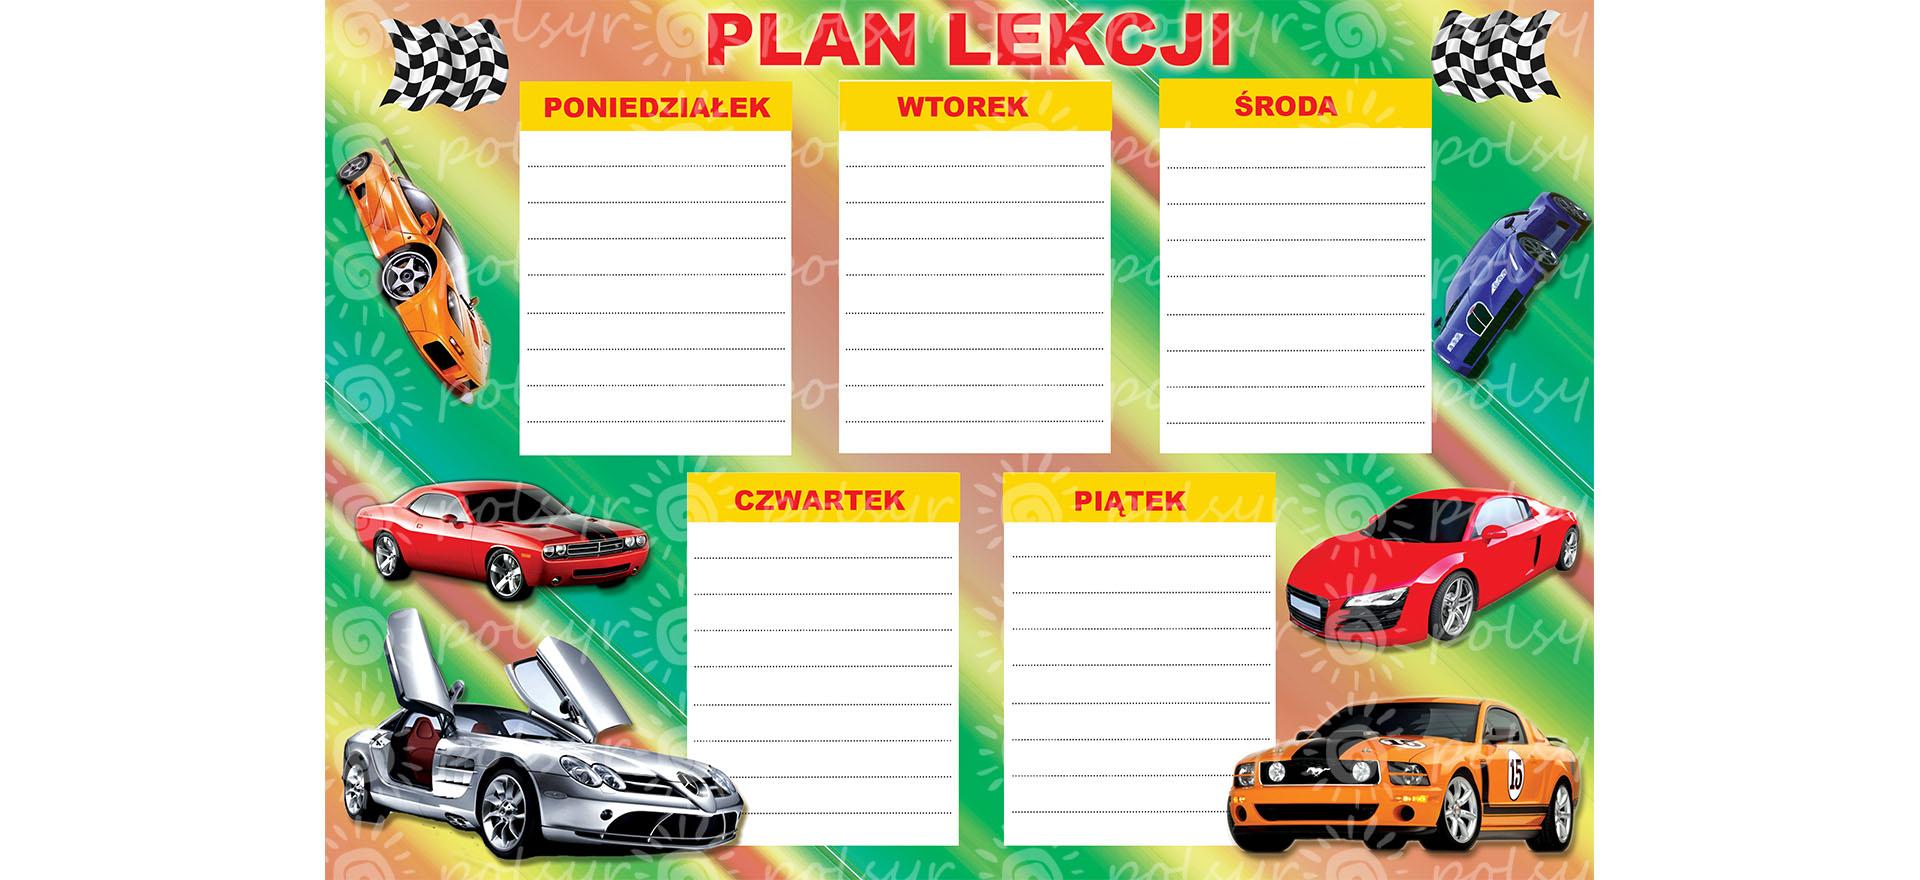 plan_lekcji-duzy-polsyr-17